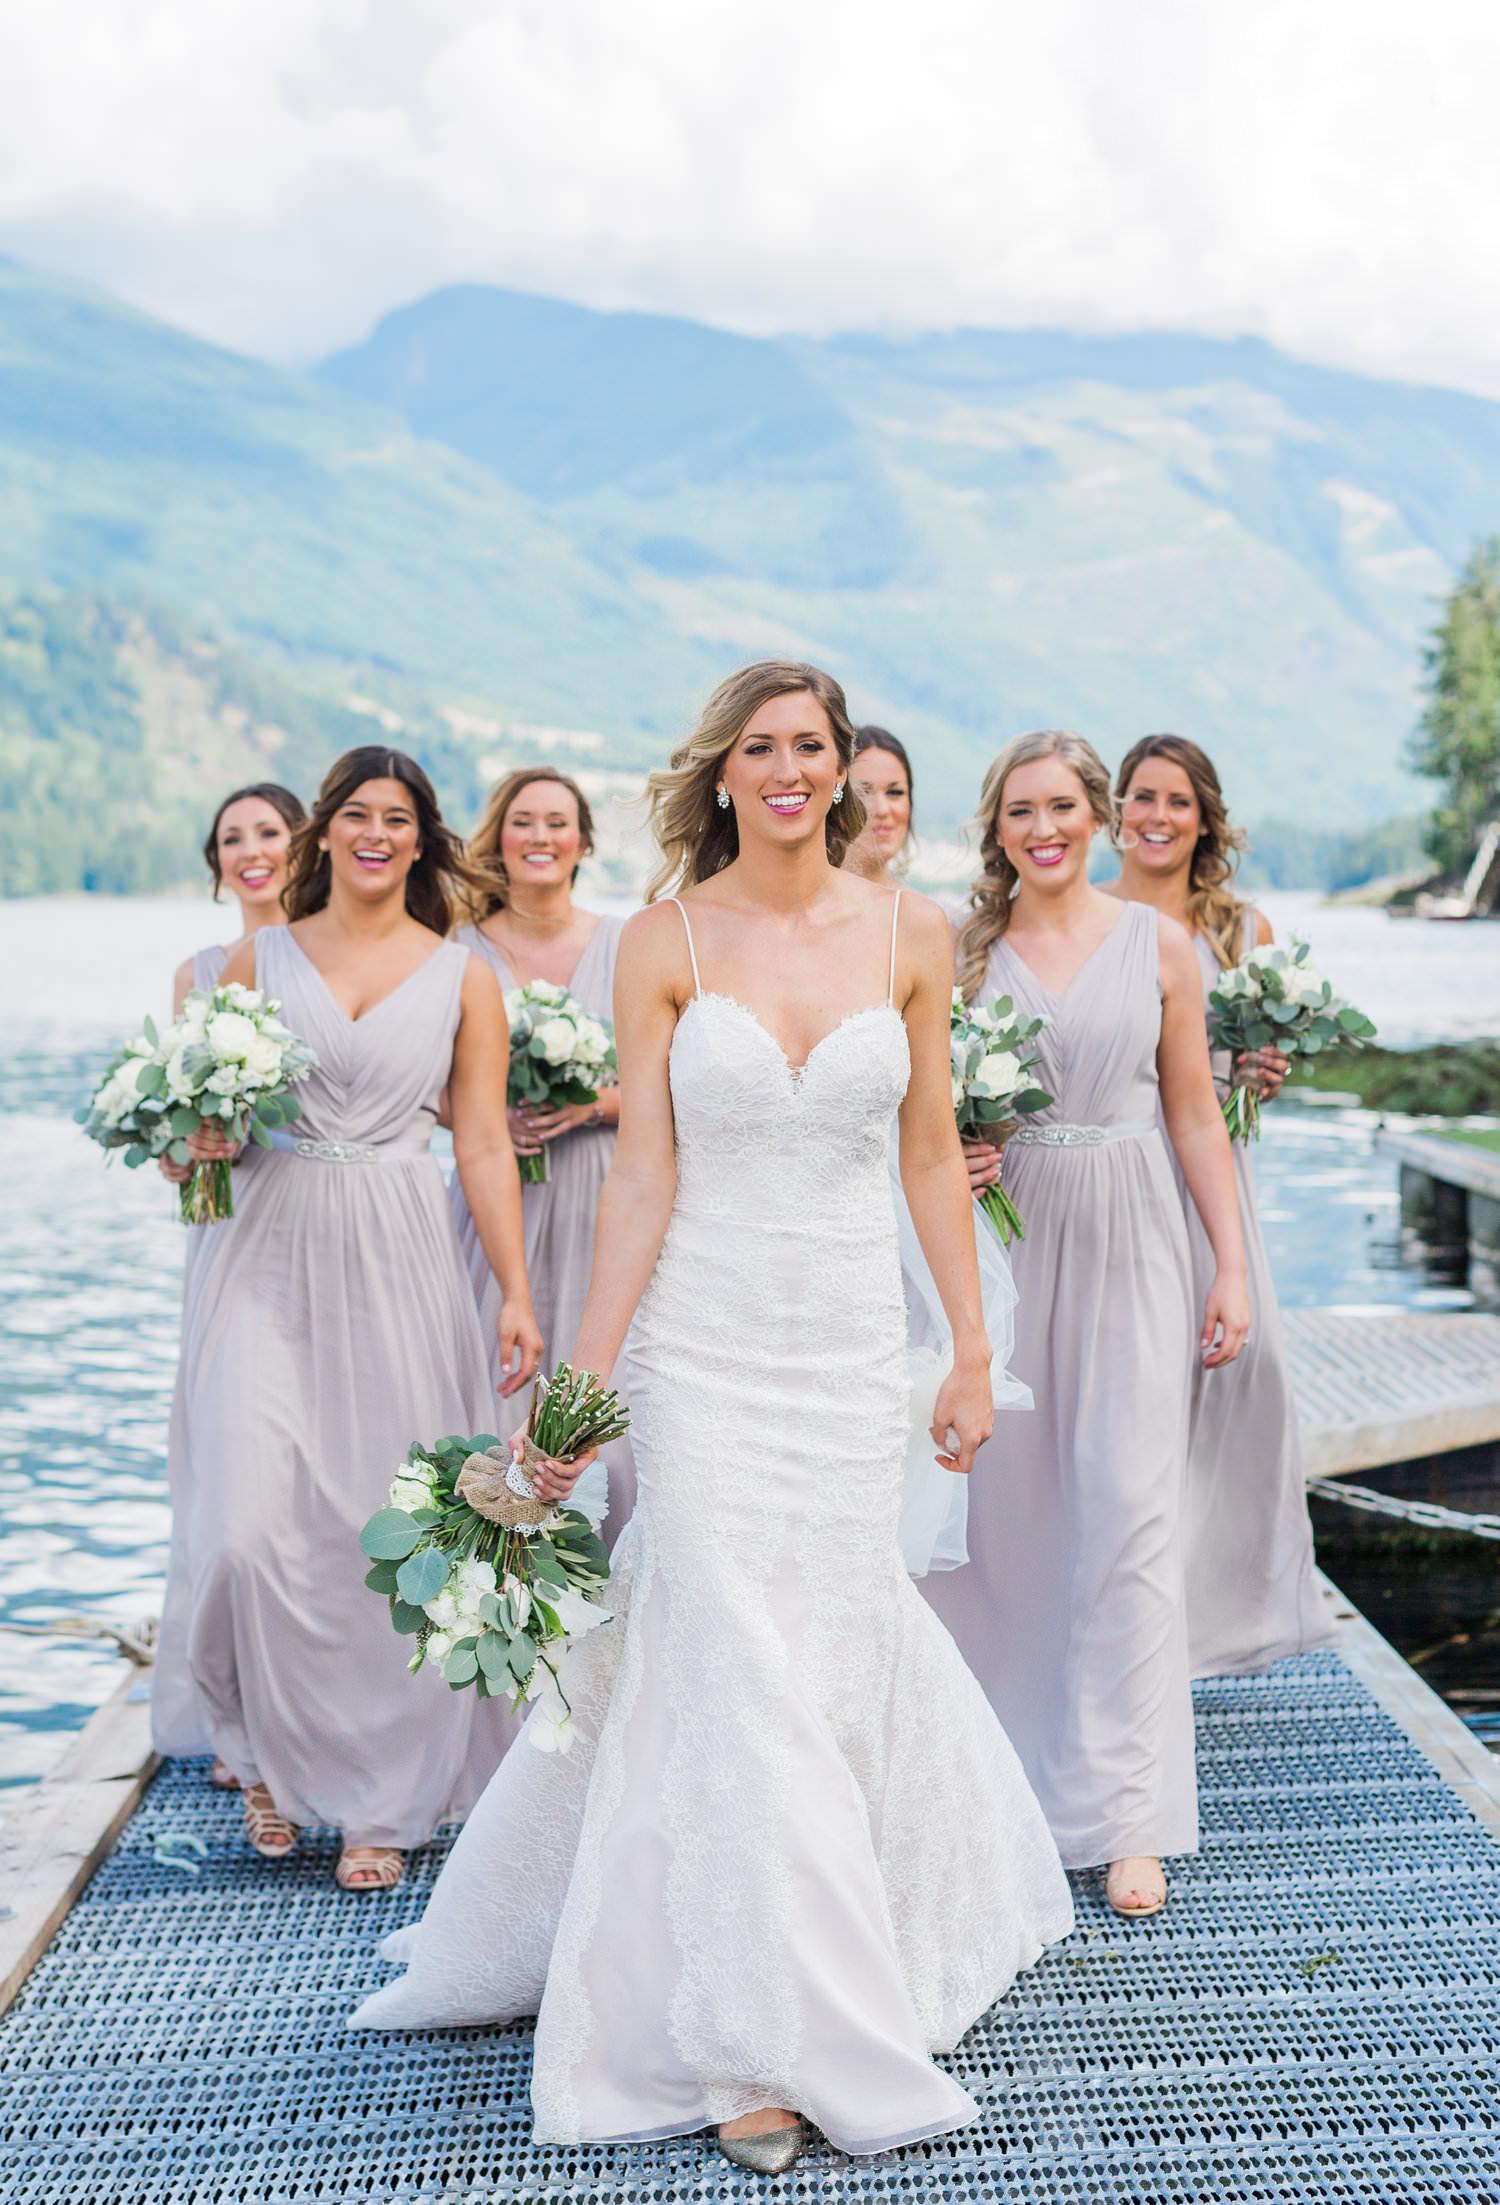 IMG_0706+SUNSHINE+COAST+WEDDING+PHOTOGRAPHER+WEST+COAST+WILDERNESS+LODGE+WEDDING+JENNIFER+PICARD+PHOTOGRAPHY.jpg